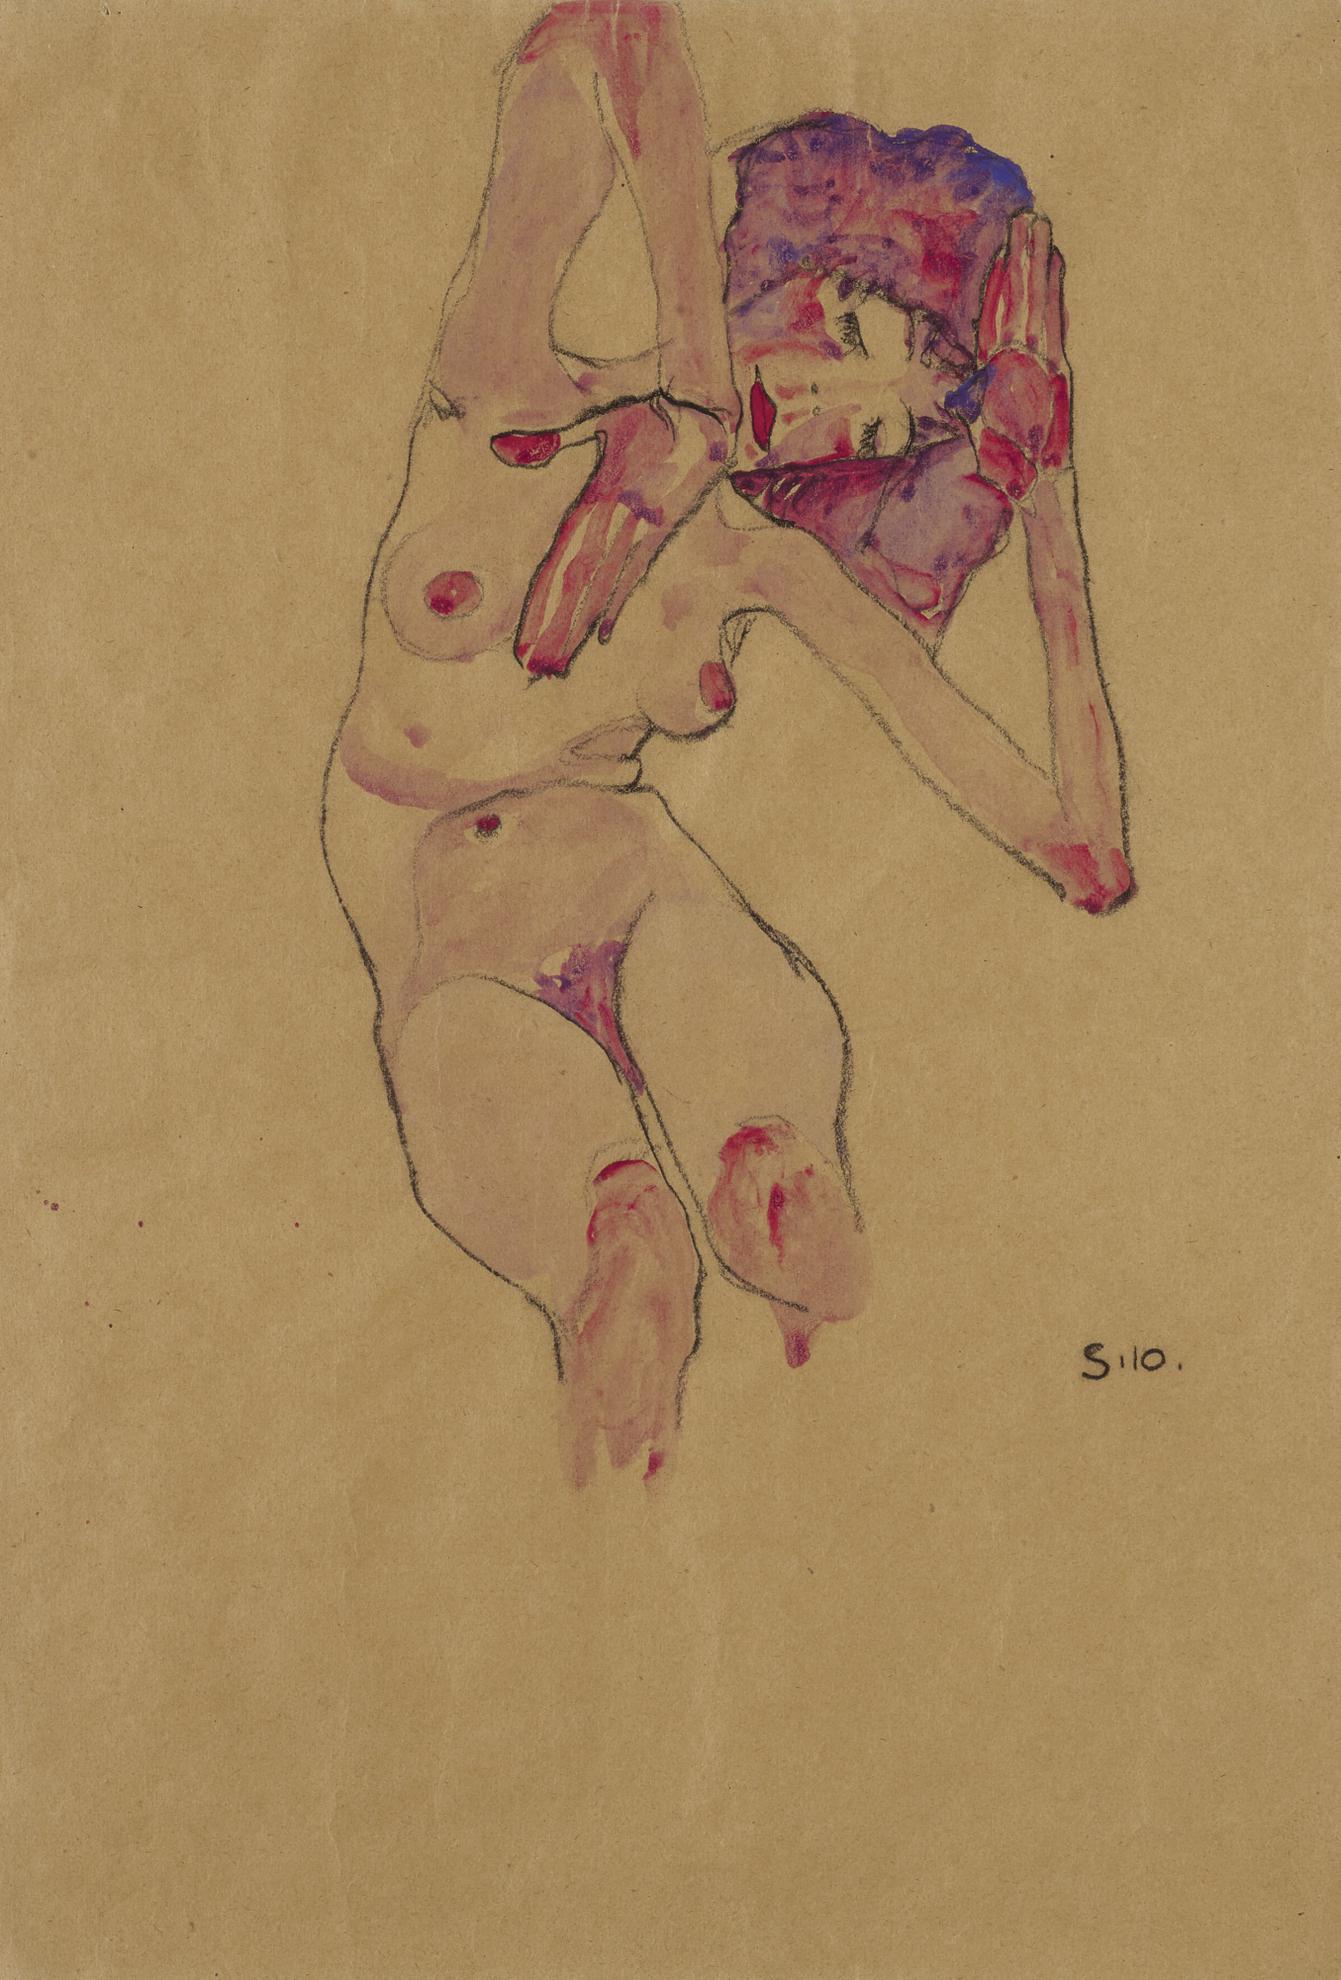 Egon Schiele-Sitzender Frauenakt Mit Geneigtem Kopf Und Erhobenen Armen (Seated Female Nude With Tilted Head And Raised Arms)-1910